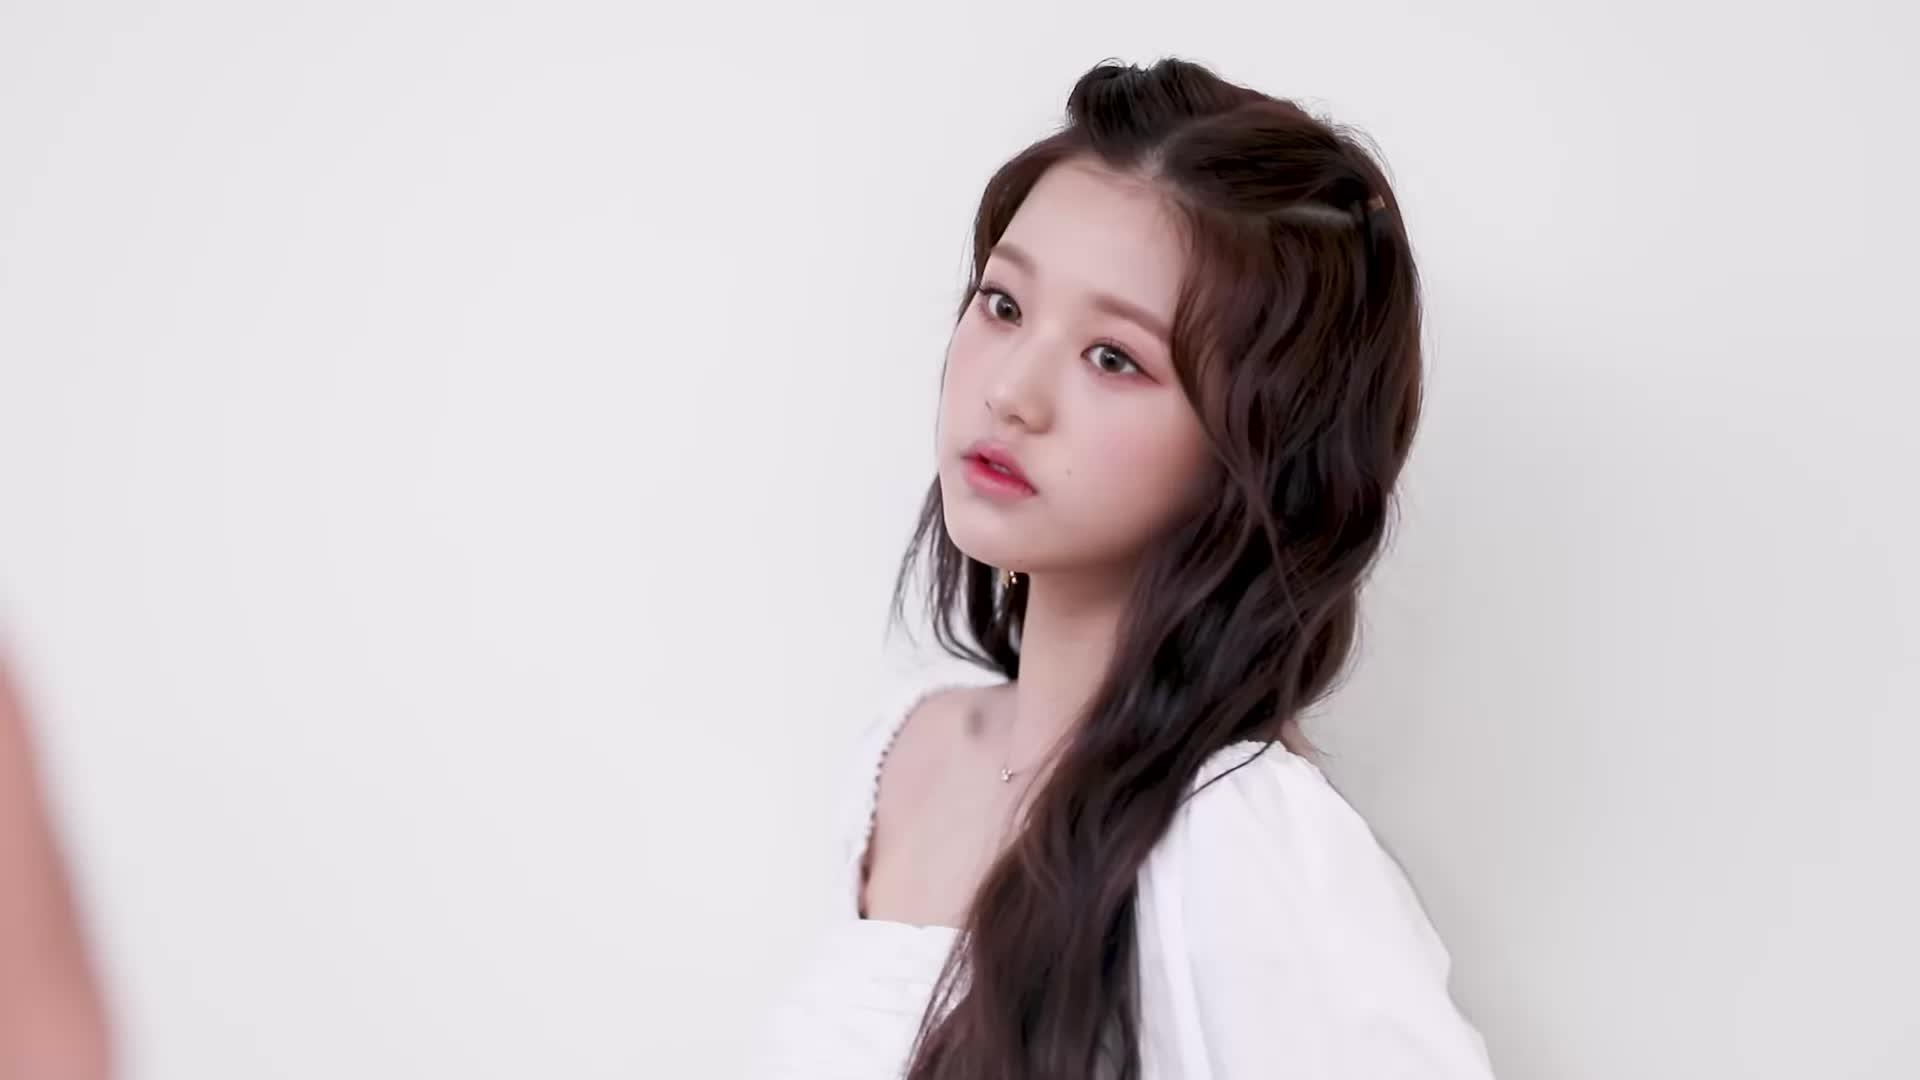 iz*one, jang wonyoung, kpop, la vie en rose, produce 48, starship, wonyoung, Wonyoung GIFs